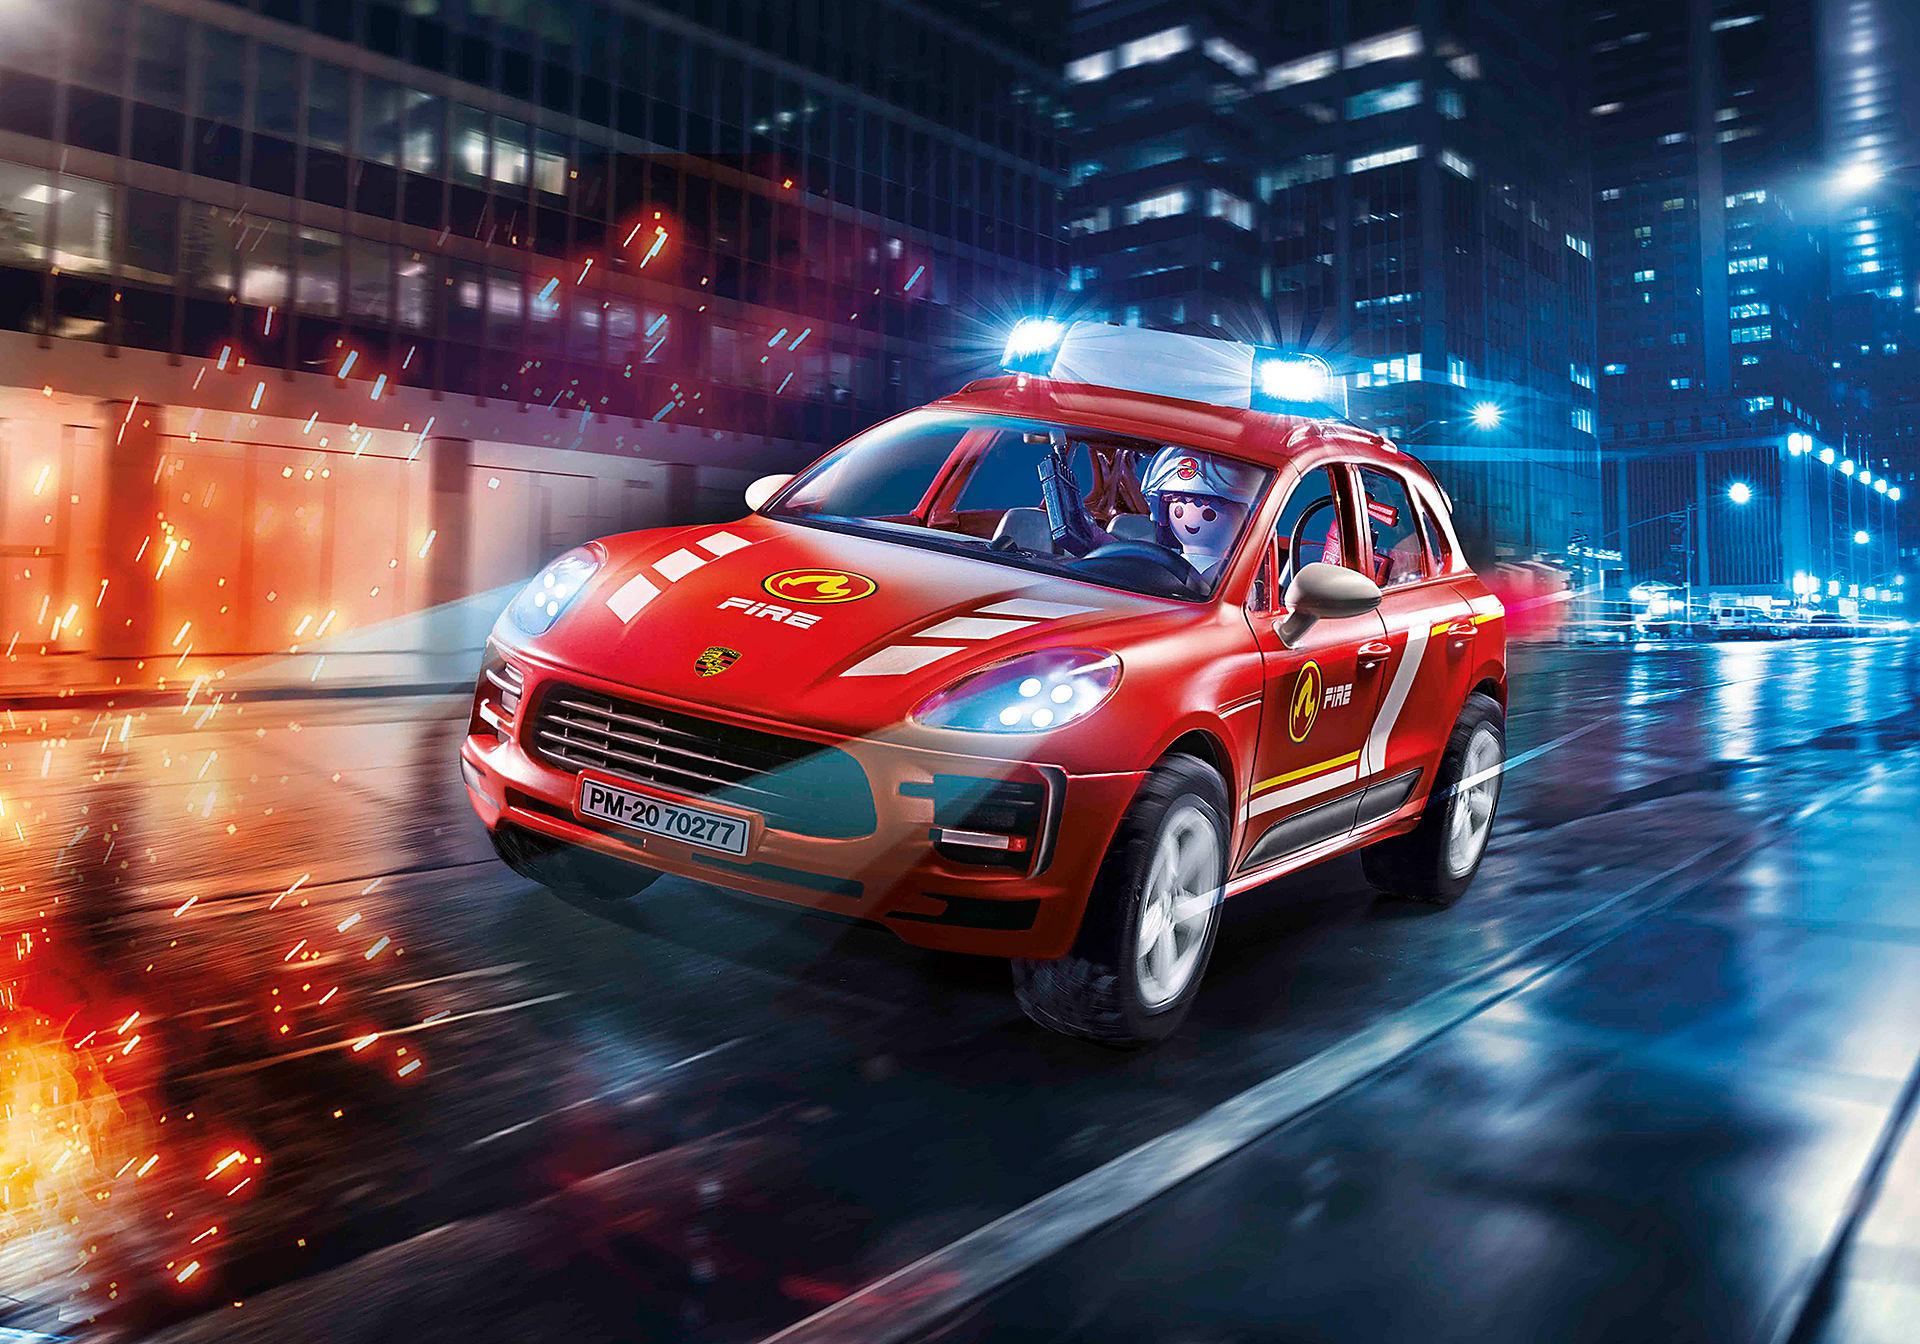 70277 Porsche Macan S Bombeiros zoom image1